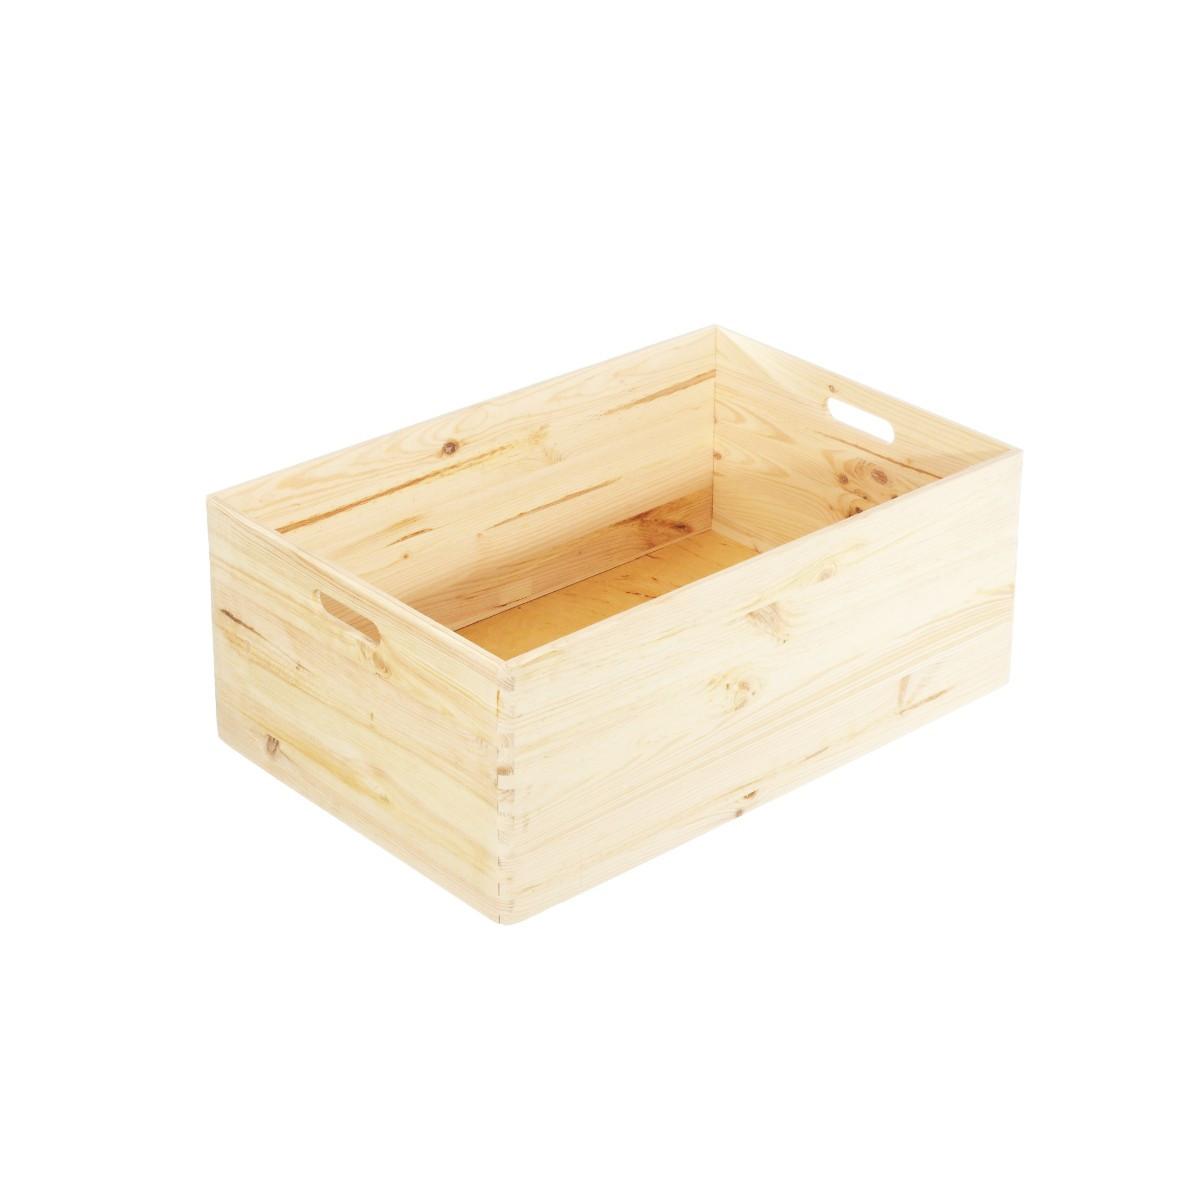 Petite caisse en bois rangement cuisine for Petit rangement en bois